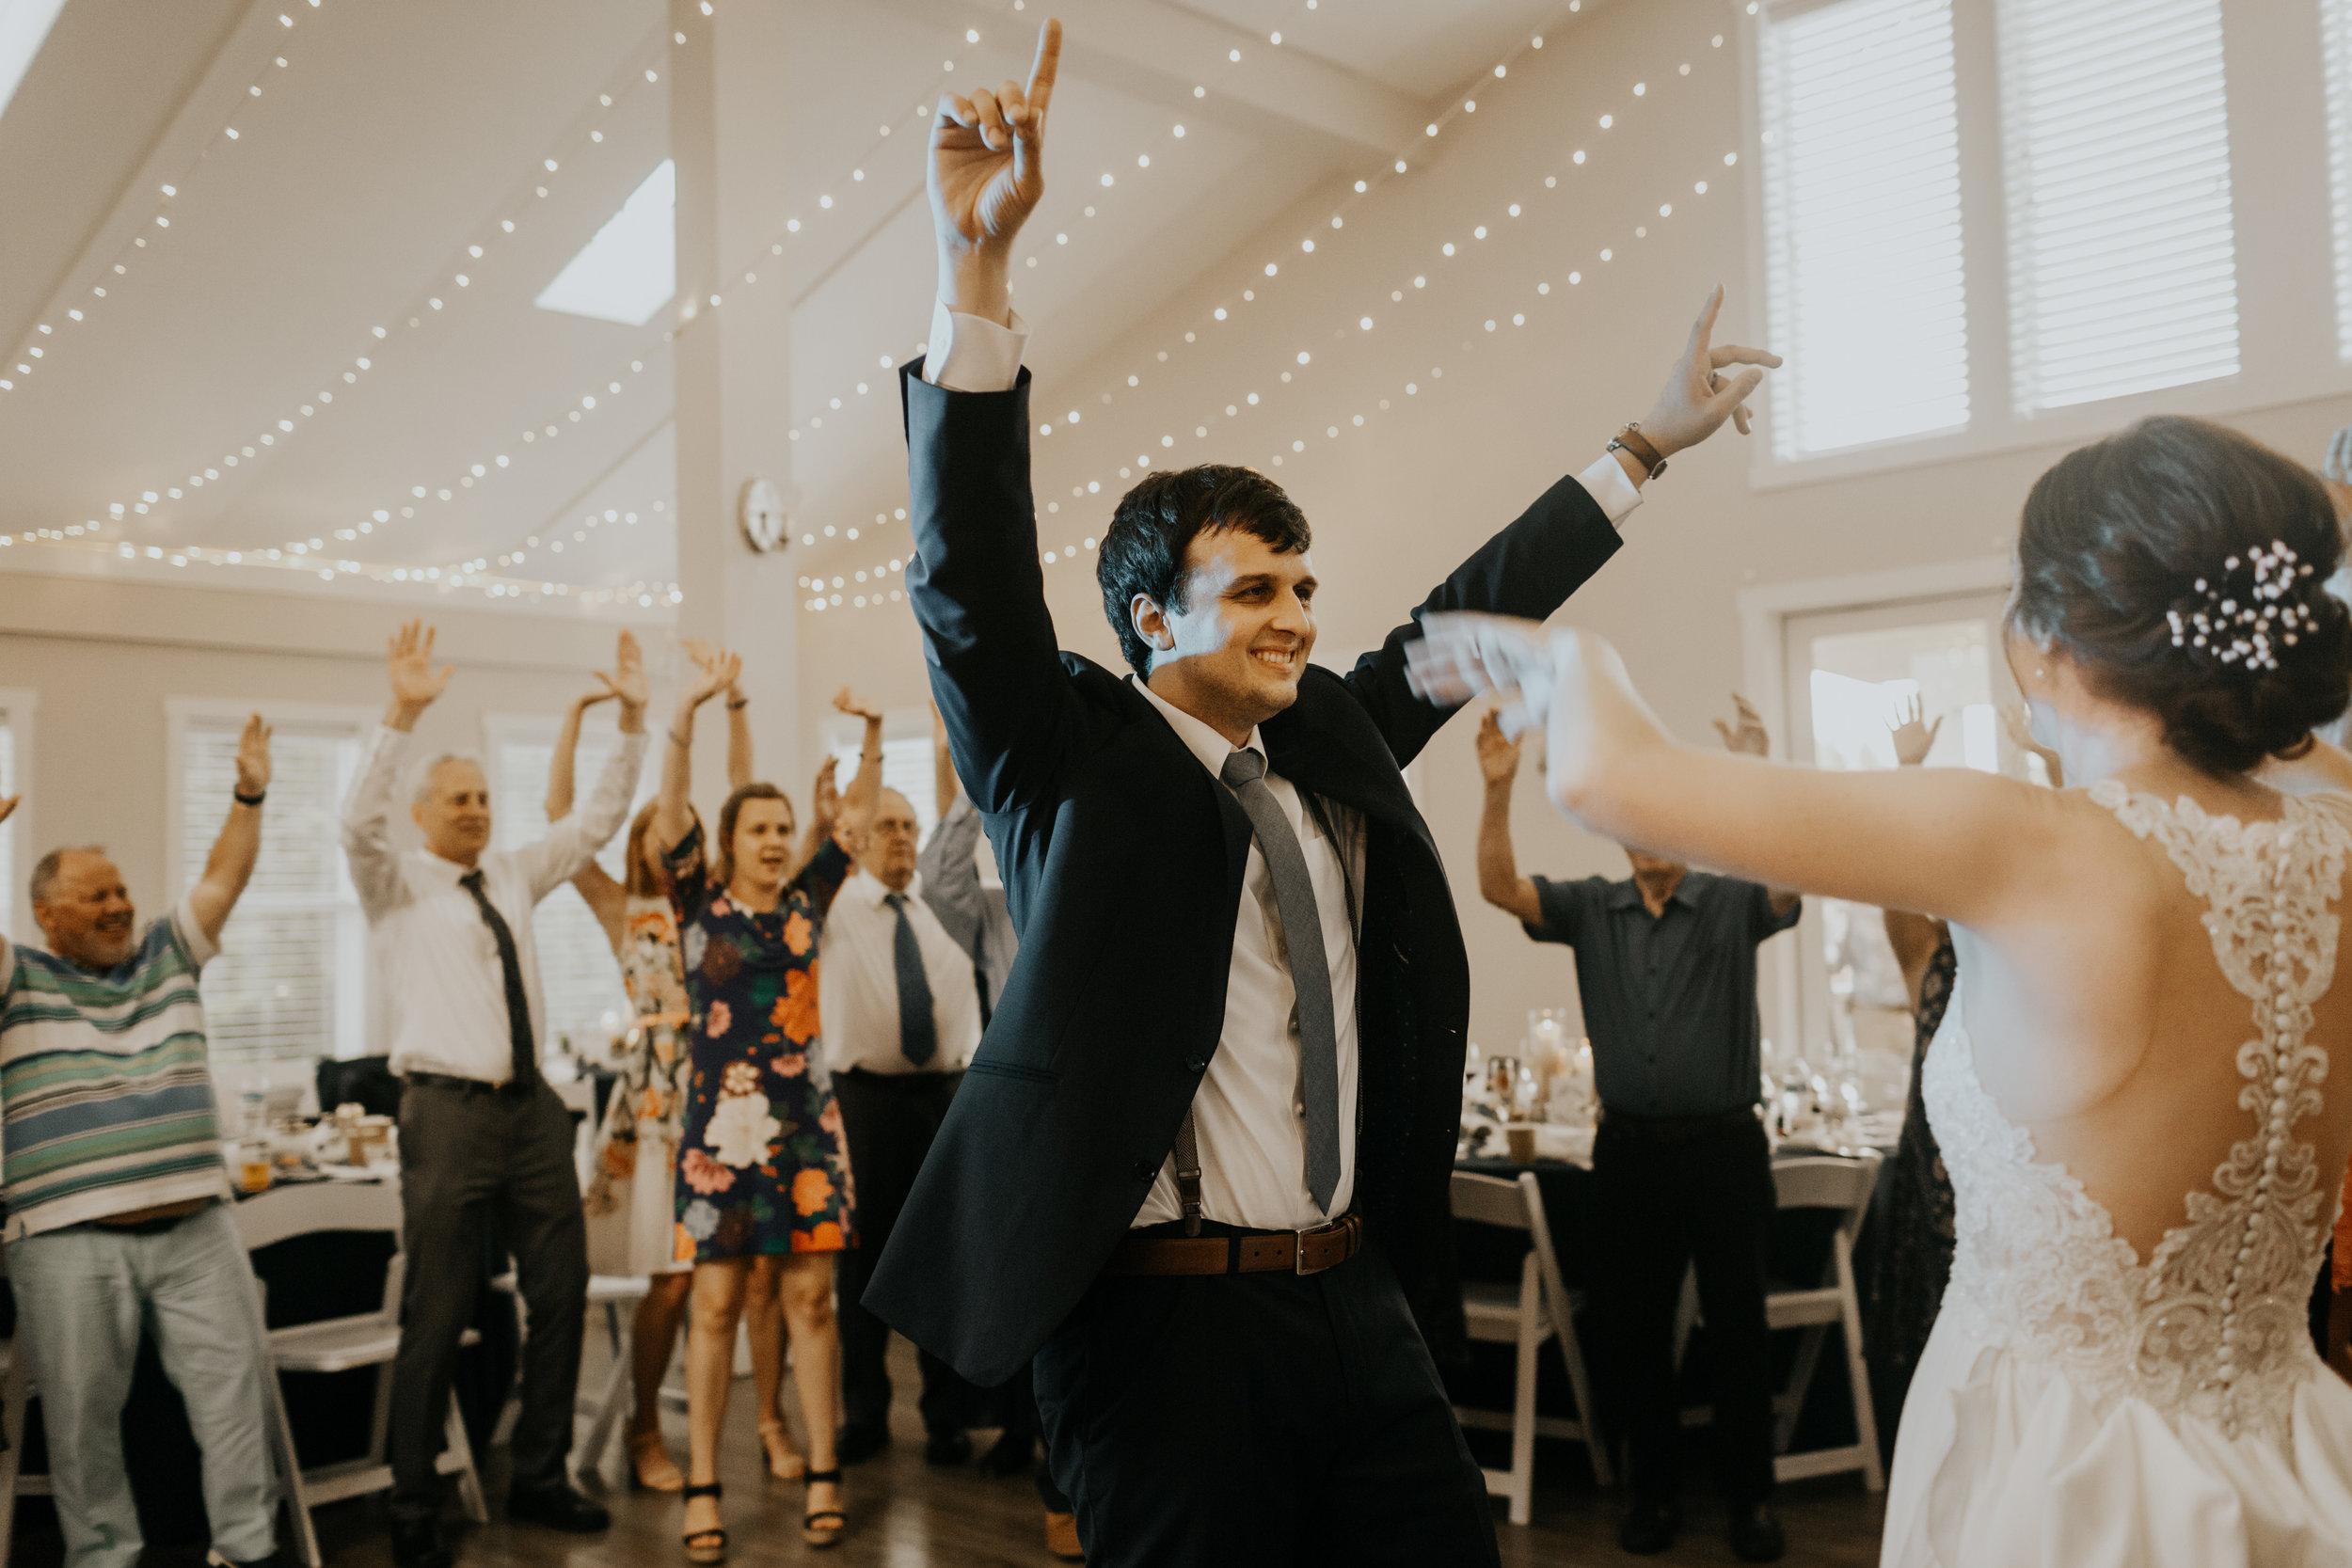 ginapaulson_katymatt_wedding-976.jpg